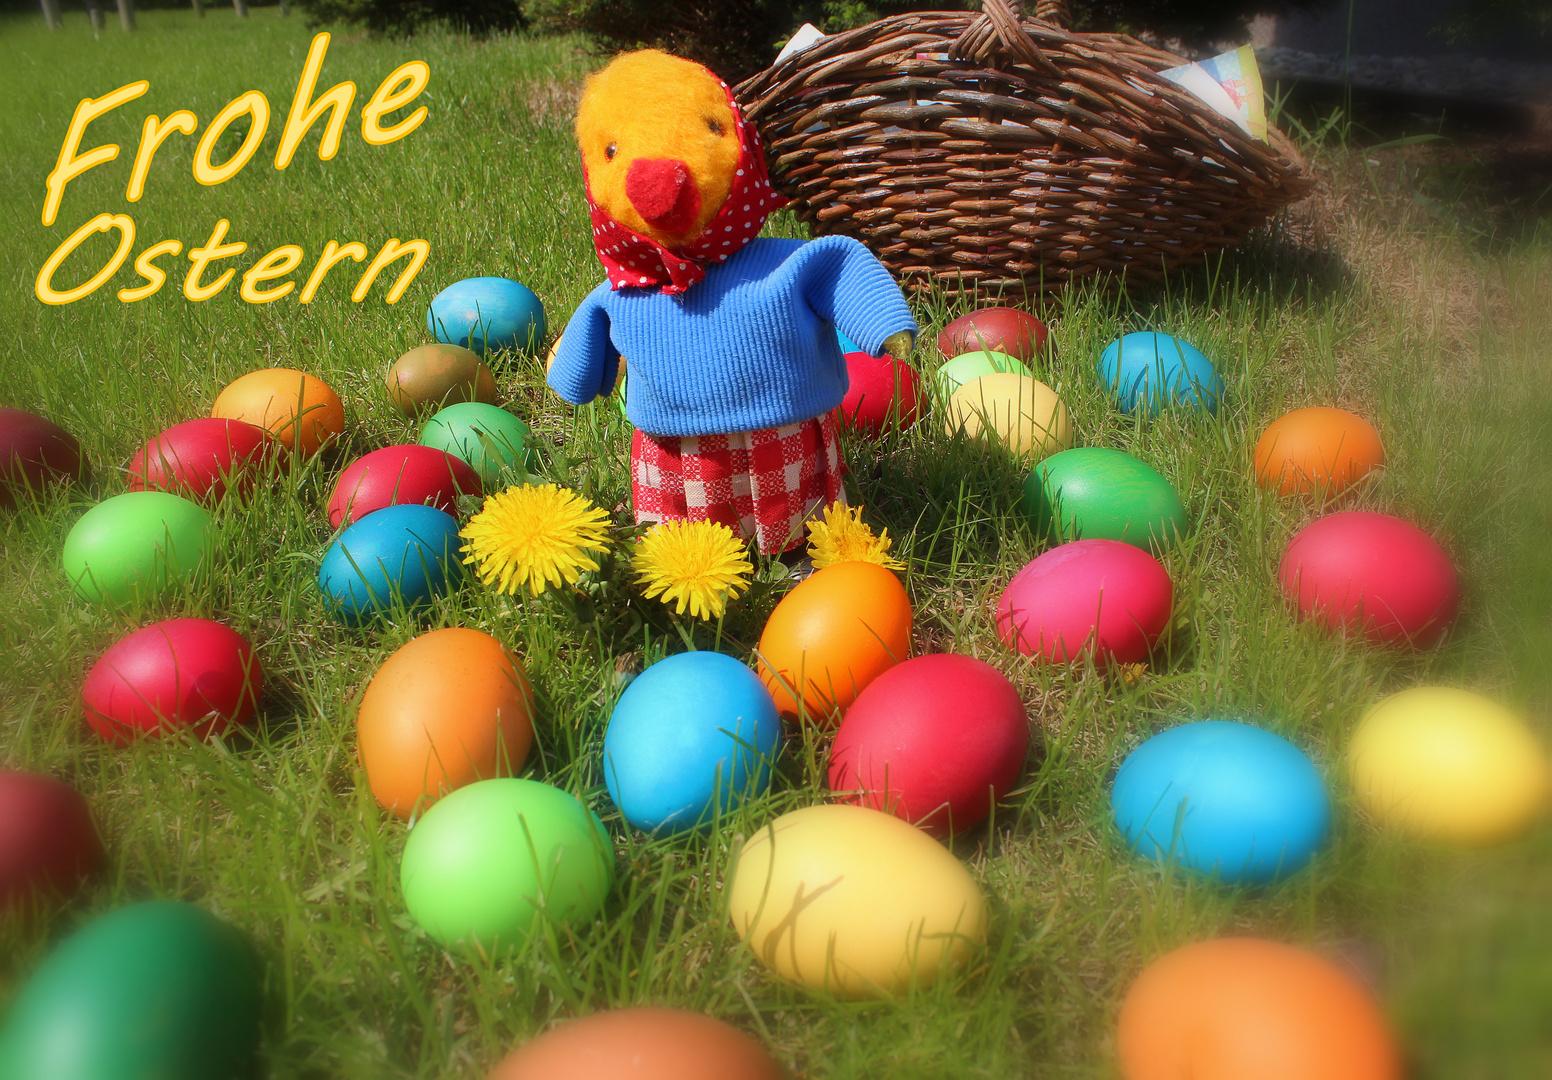 Frohe Ostern und liebe Grüße aus dem Spreewald